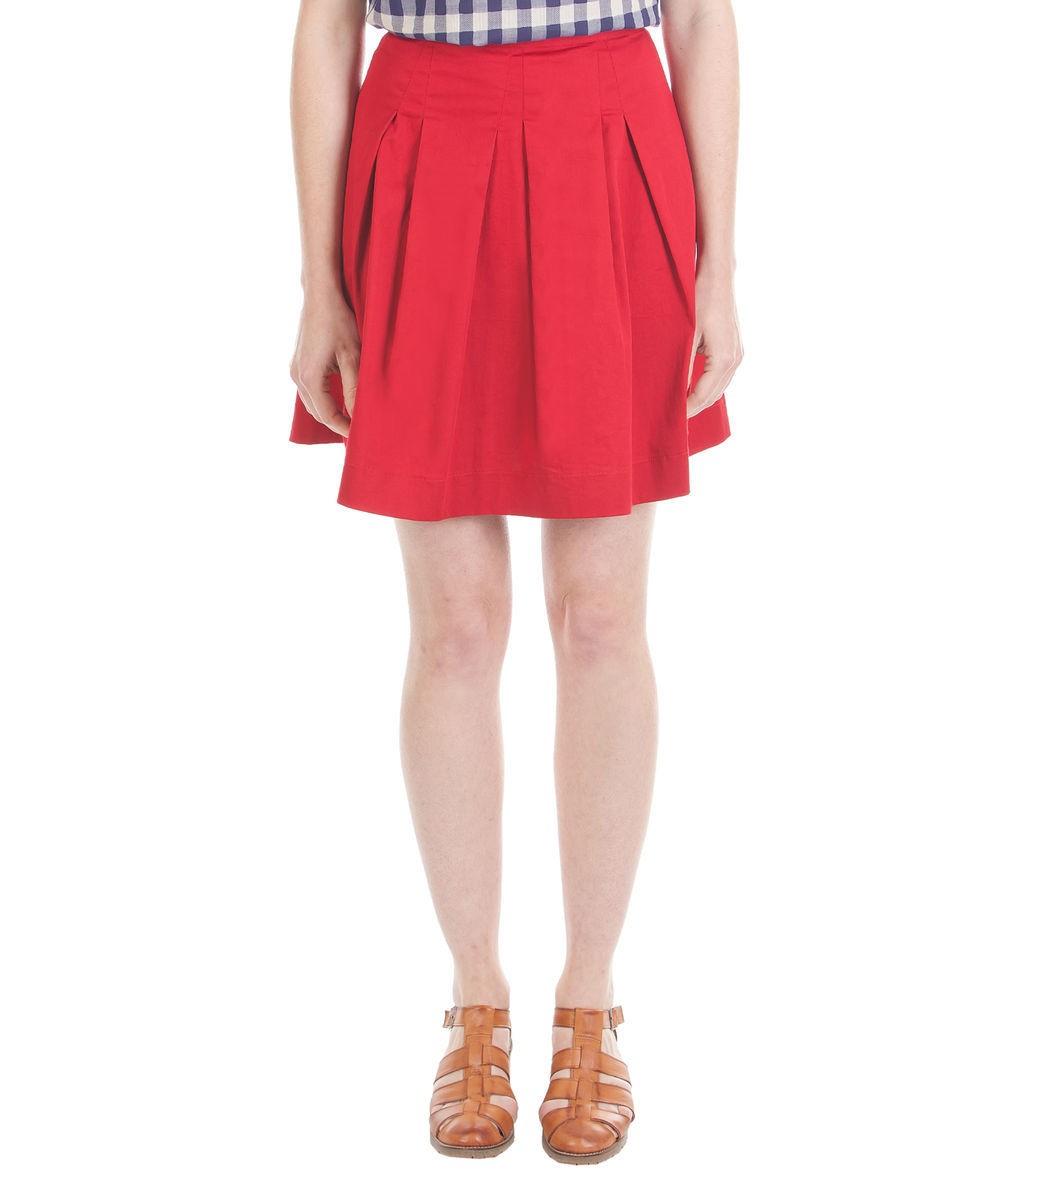 Bethany Skirt